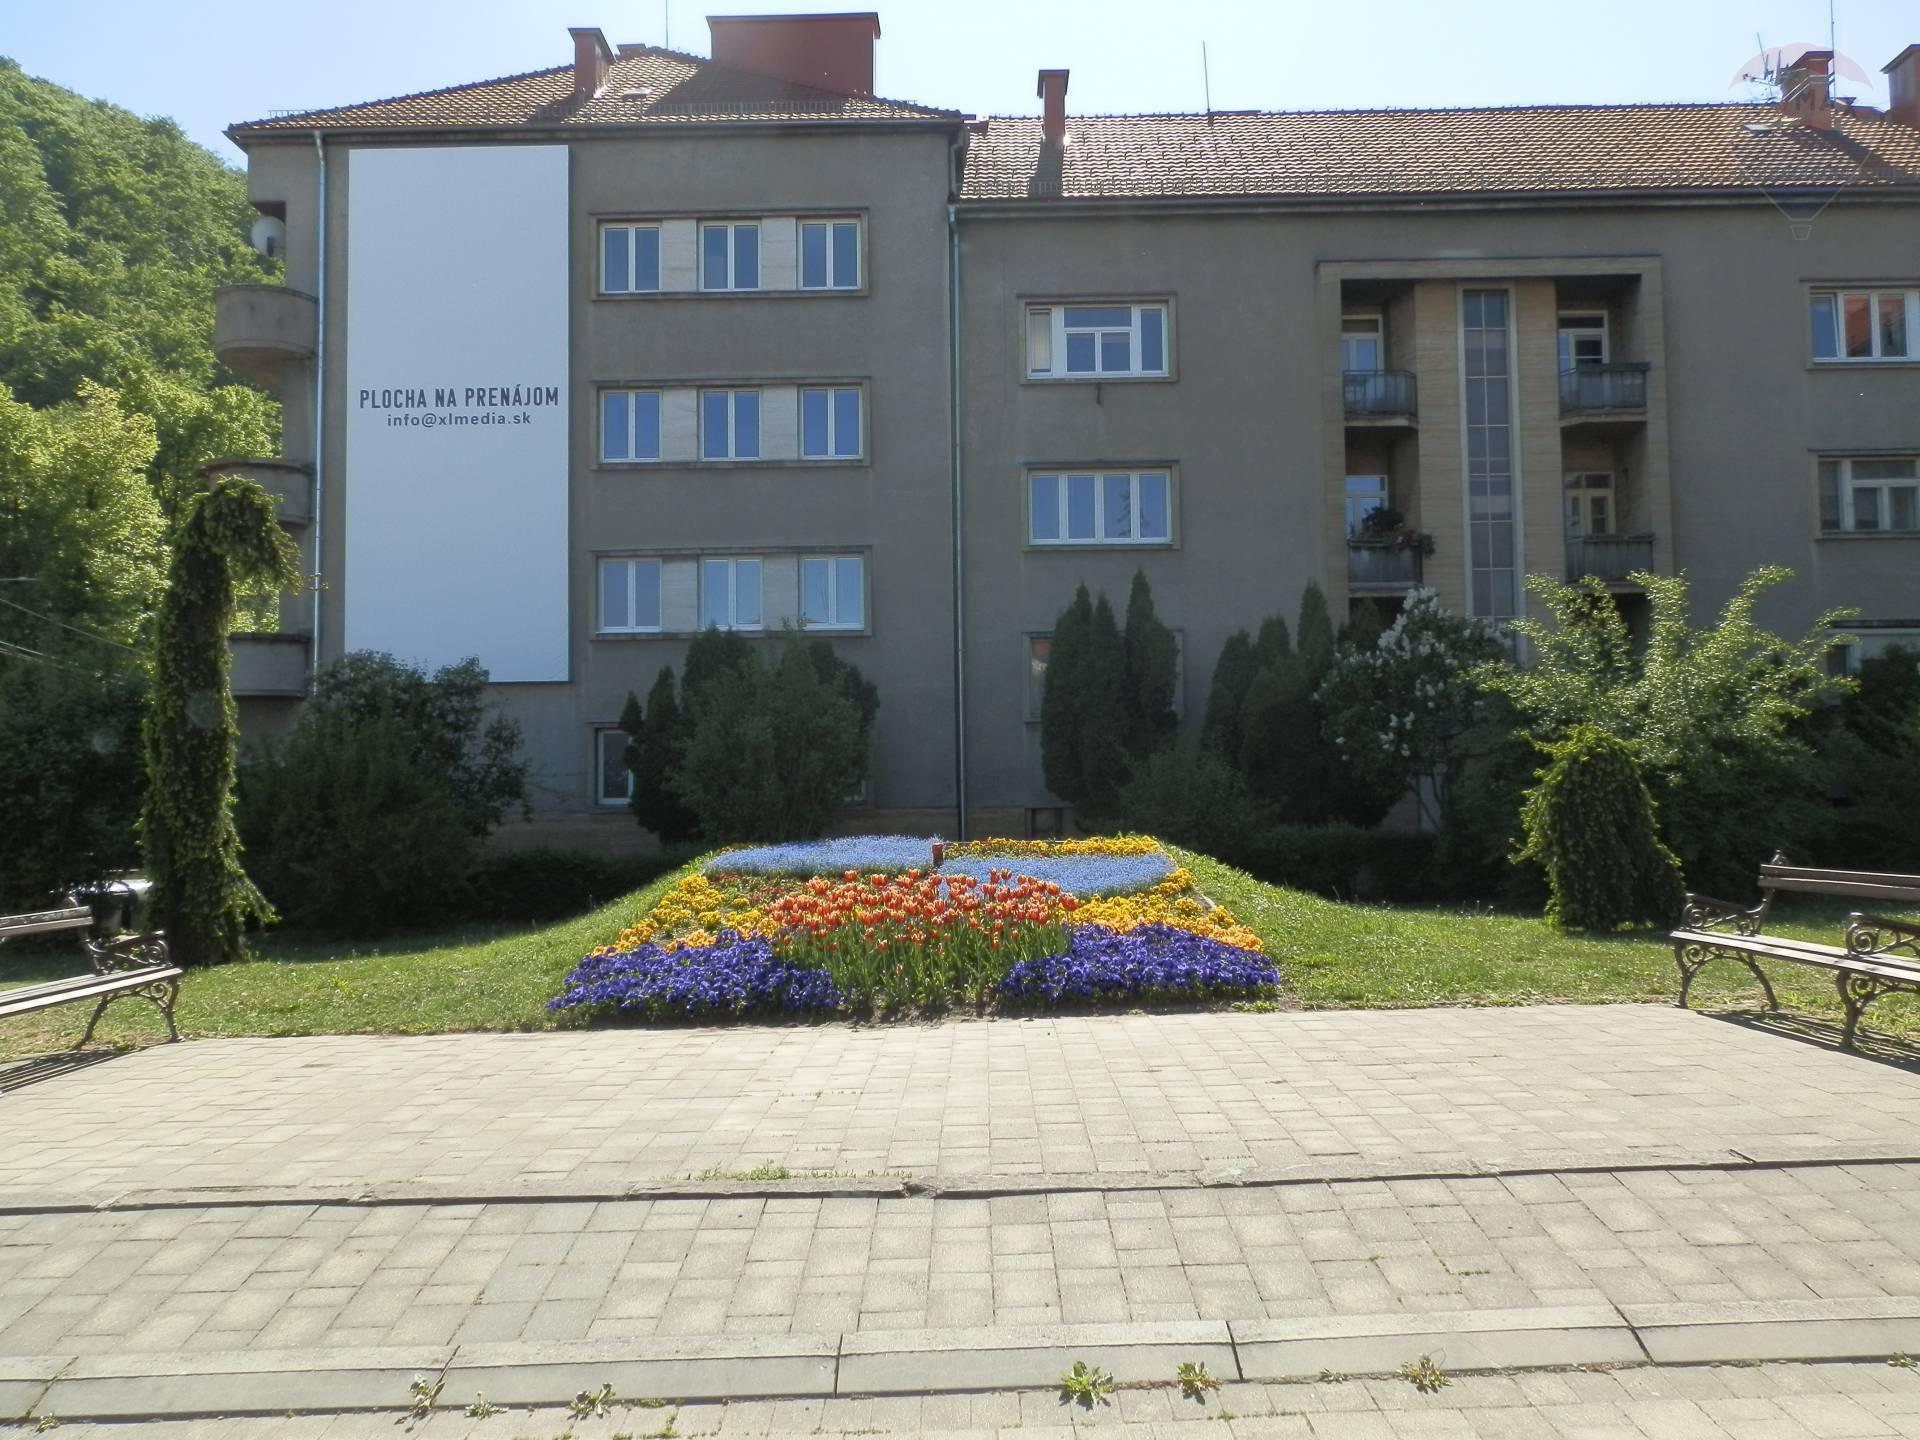 PREDAJ- 4 izbový byt v centre mesta Banská Bystrica